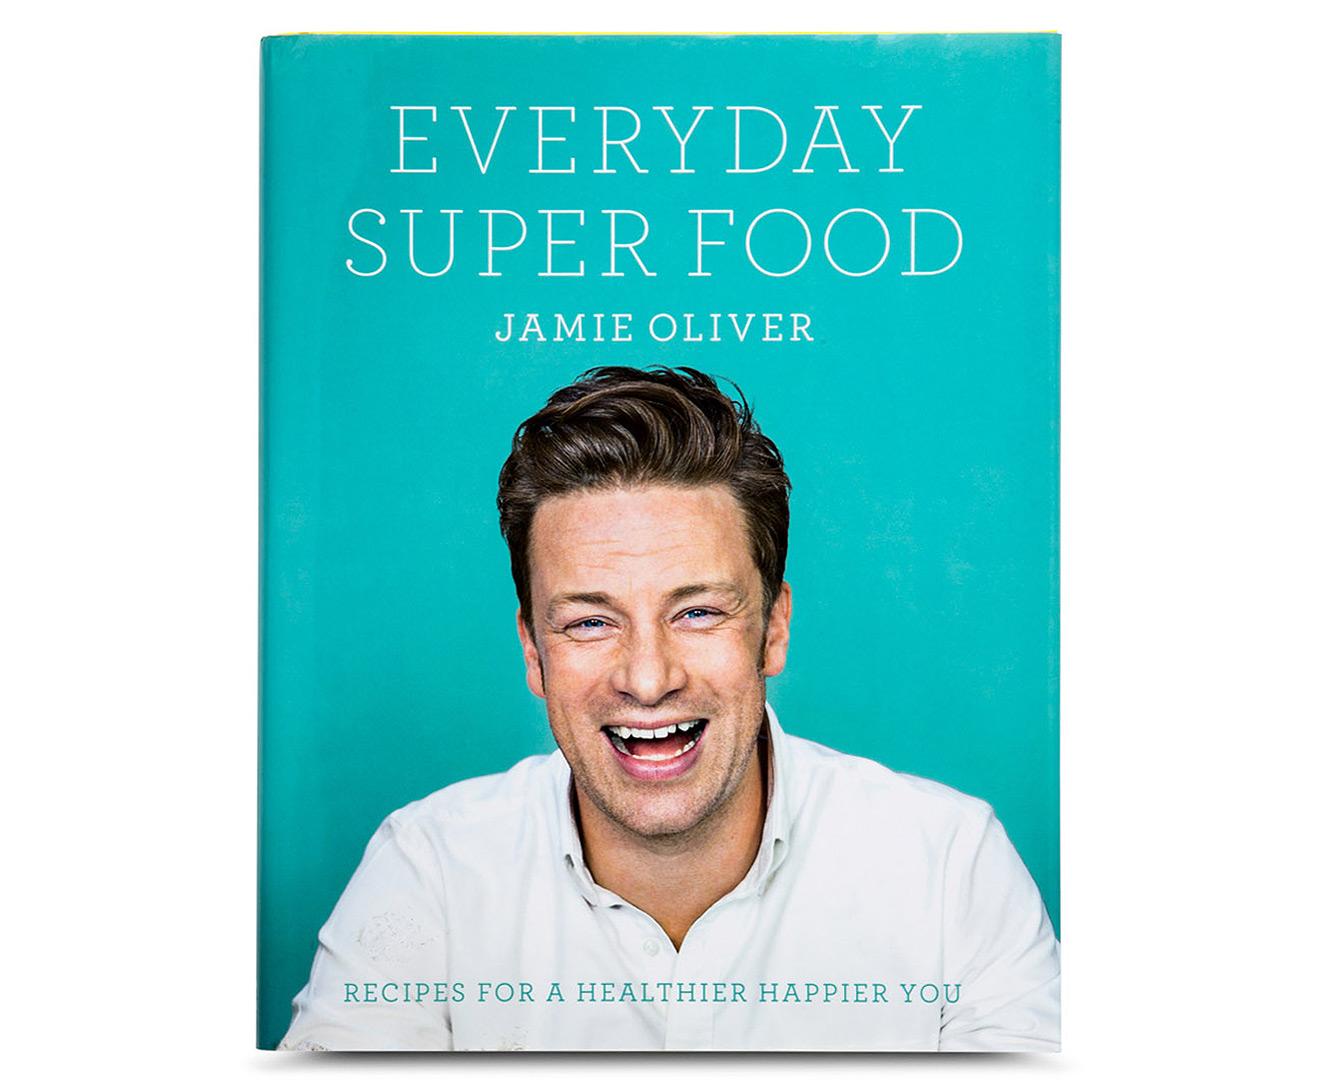 jamie oliver everyday super food cookbook. Black Bedroom Furniture Sets. Home Design Ideas